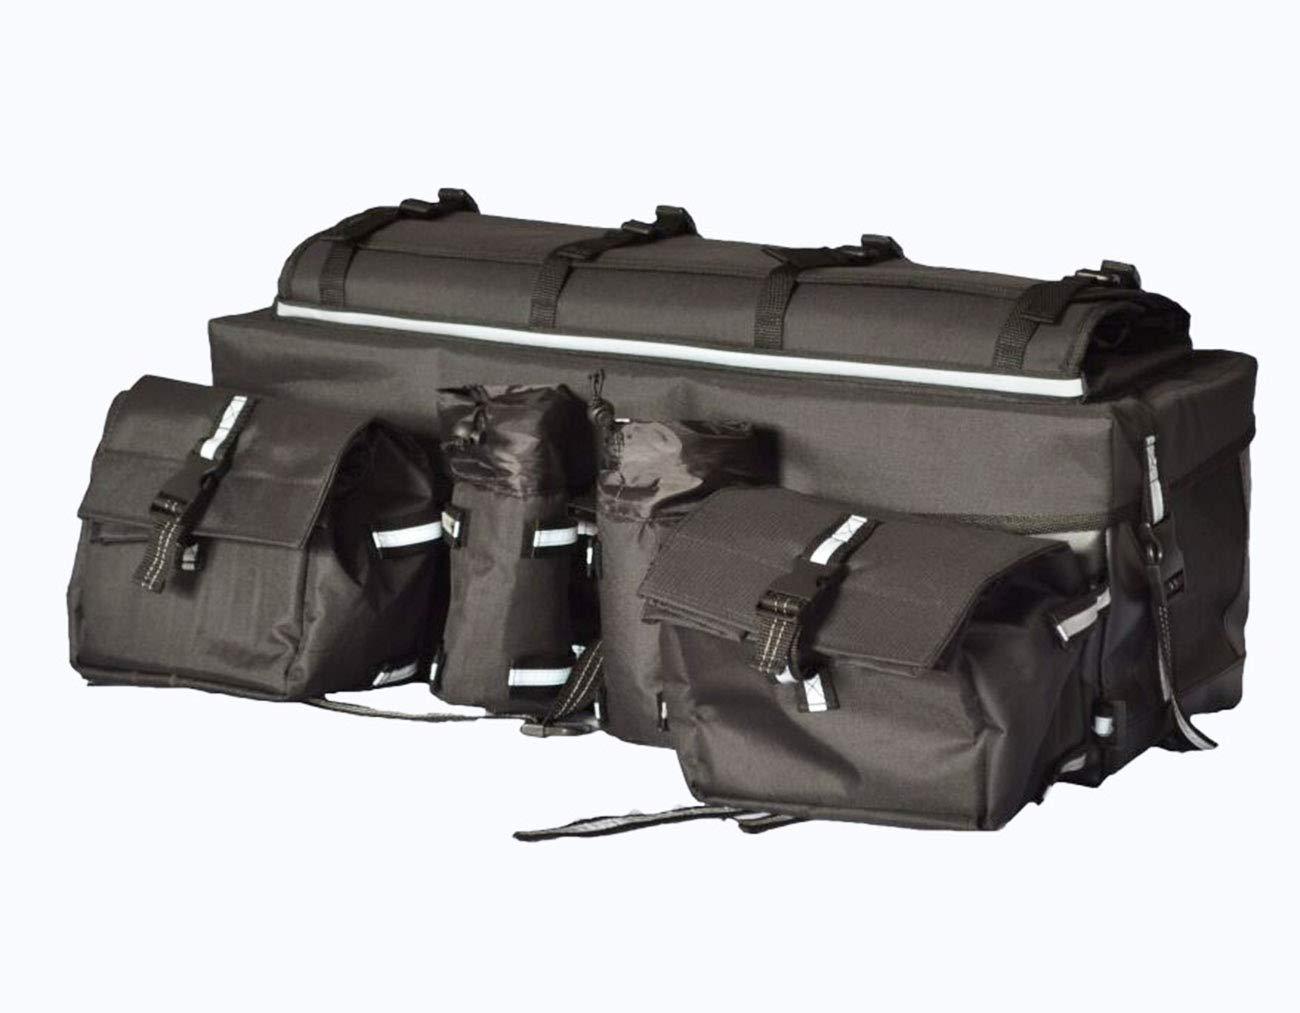 DIDIBABA ATV Cargo Bag Luggage Storage Gear Bag Heavy Duty ATV Luggage Rear Bag